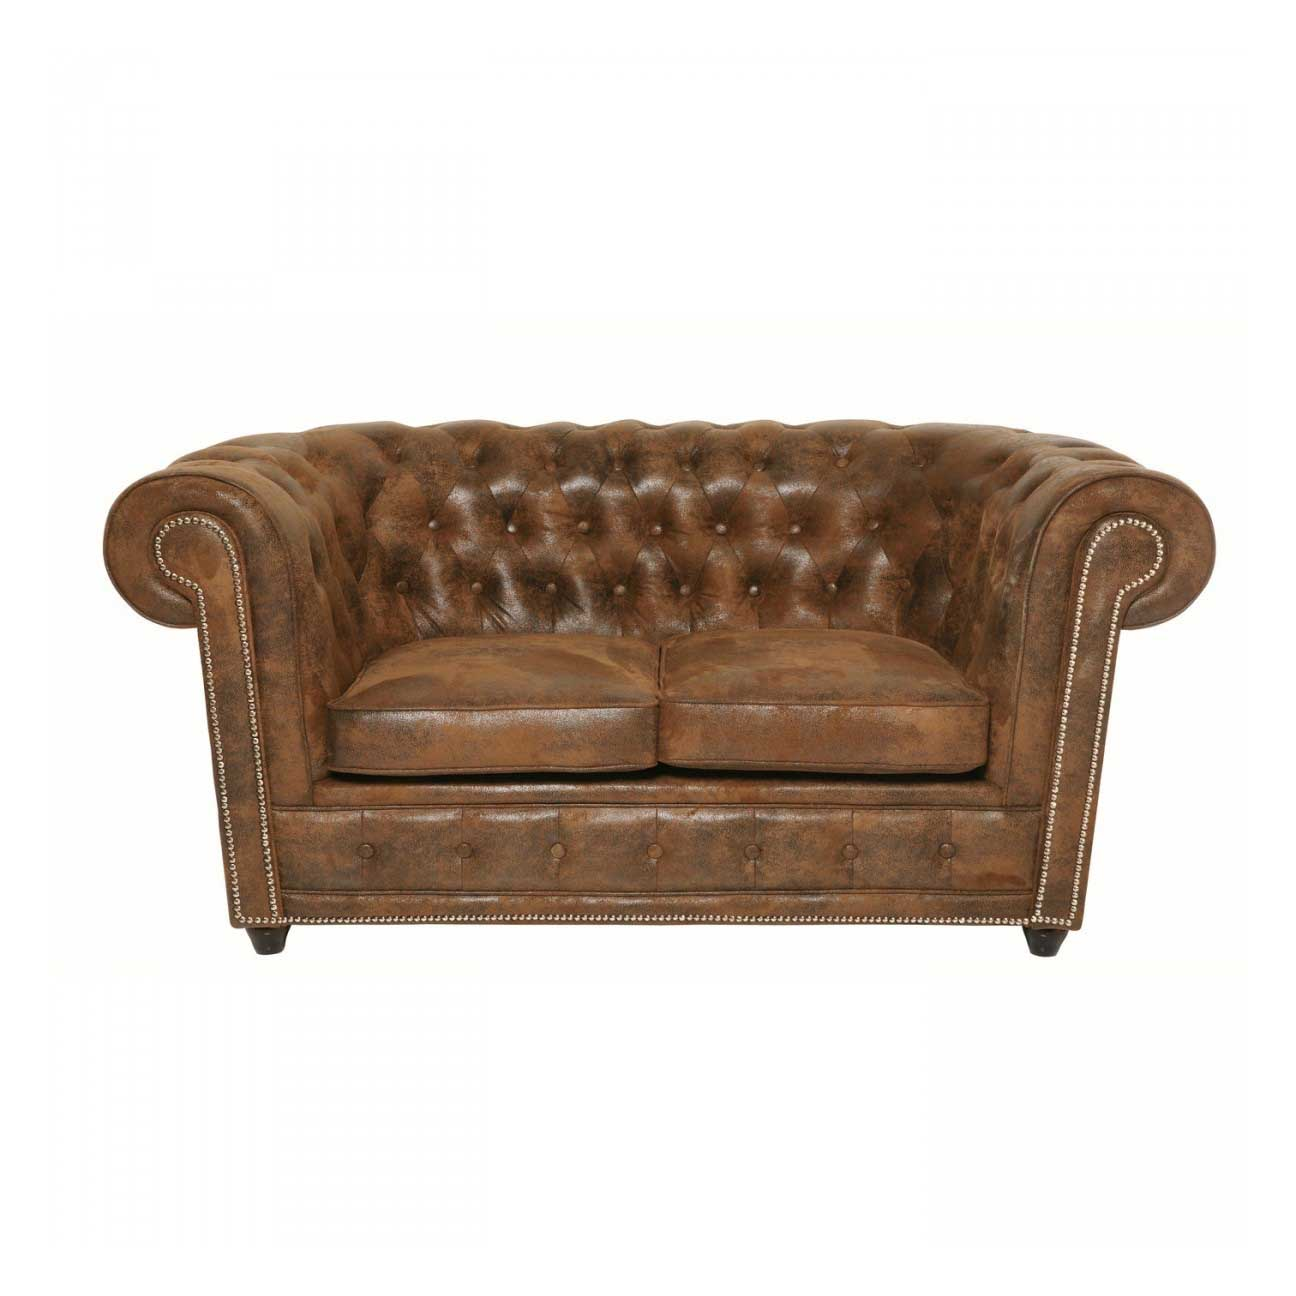 KARE DESIGN 2 pers. Cambridge Vintage Smart sofa - brun stof og fyrretræ